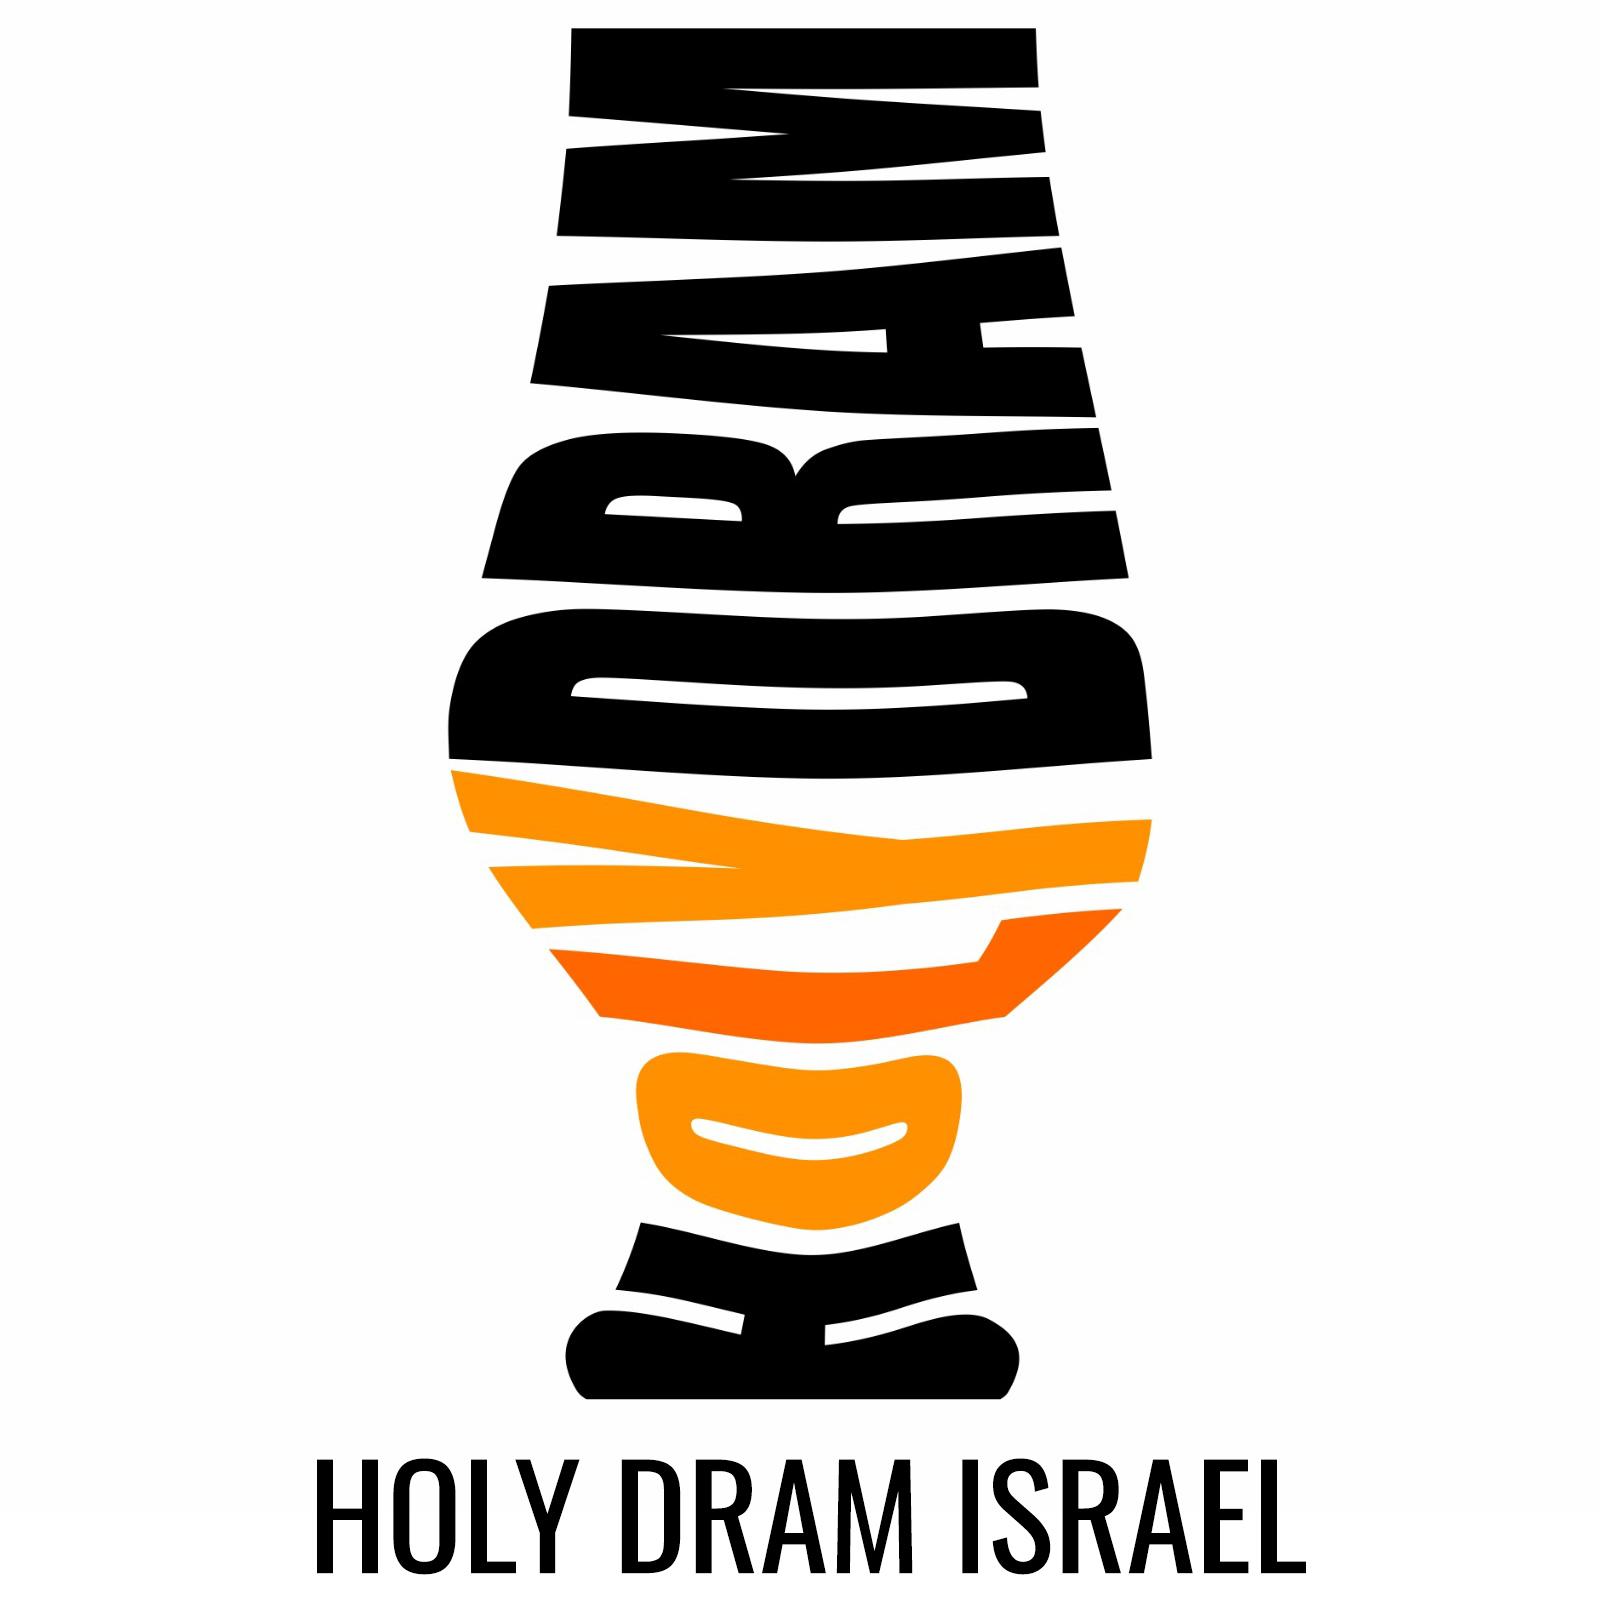 HolyDram Israel